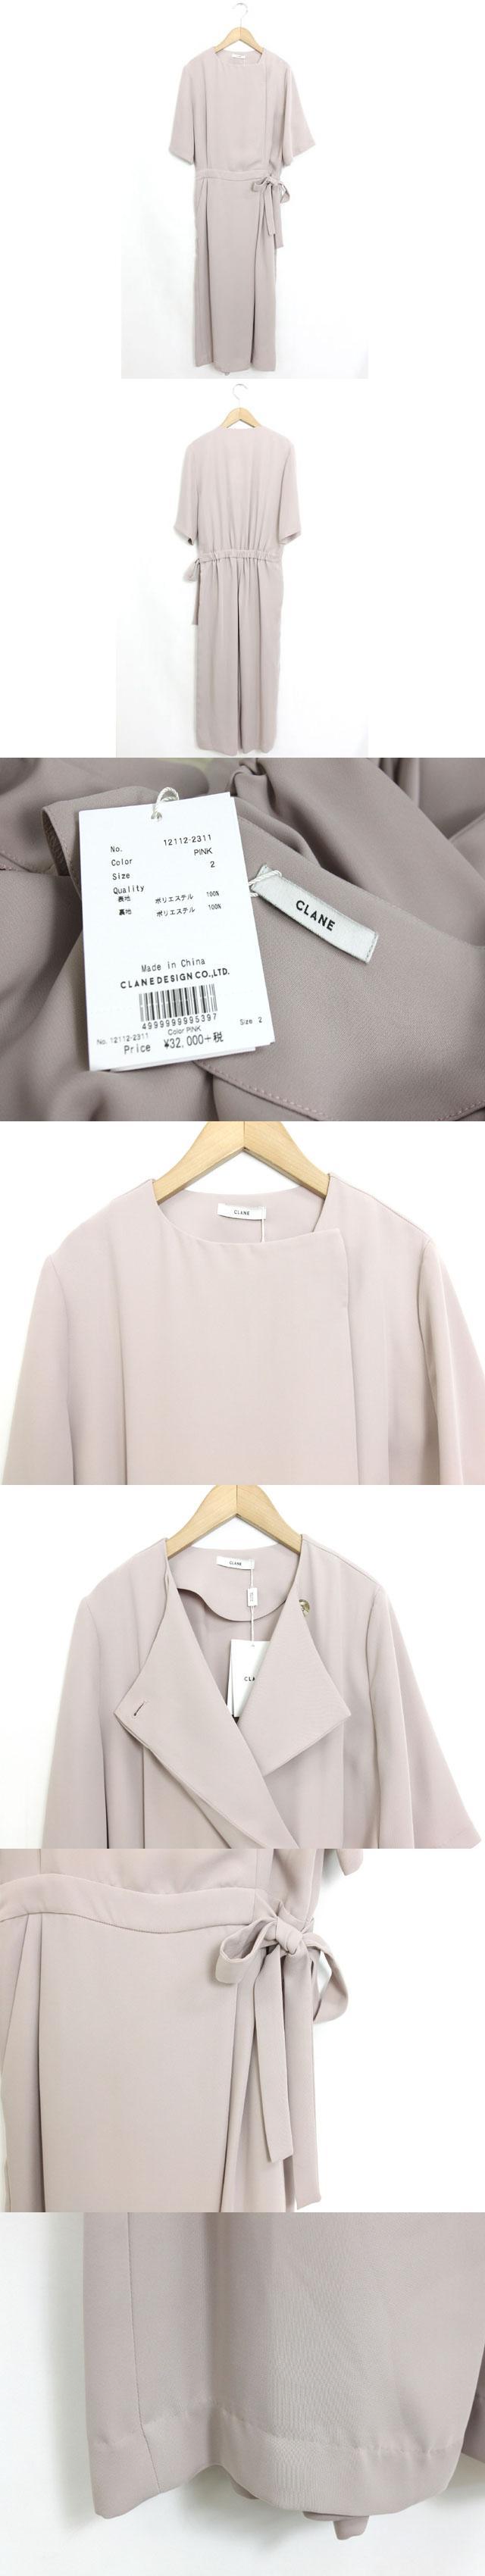 未使用 タグ付 オールインワン ジャンプスーツ カシュクール 半袖 無地 シンプル 2 ピンク /C346